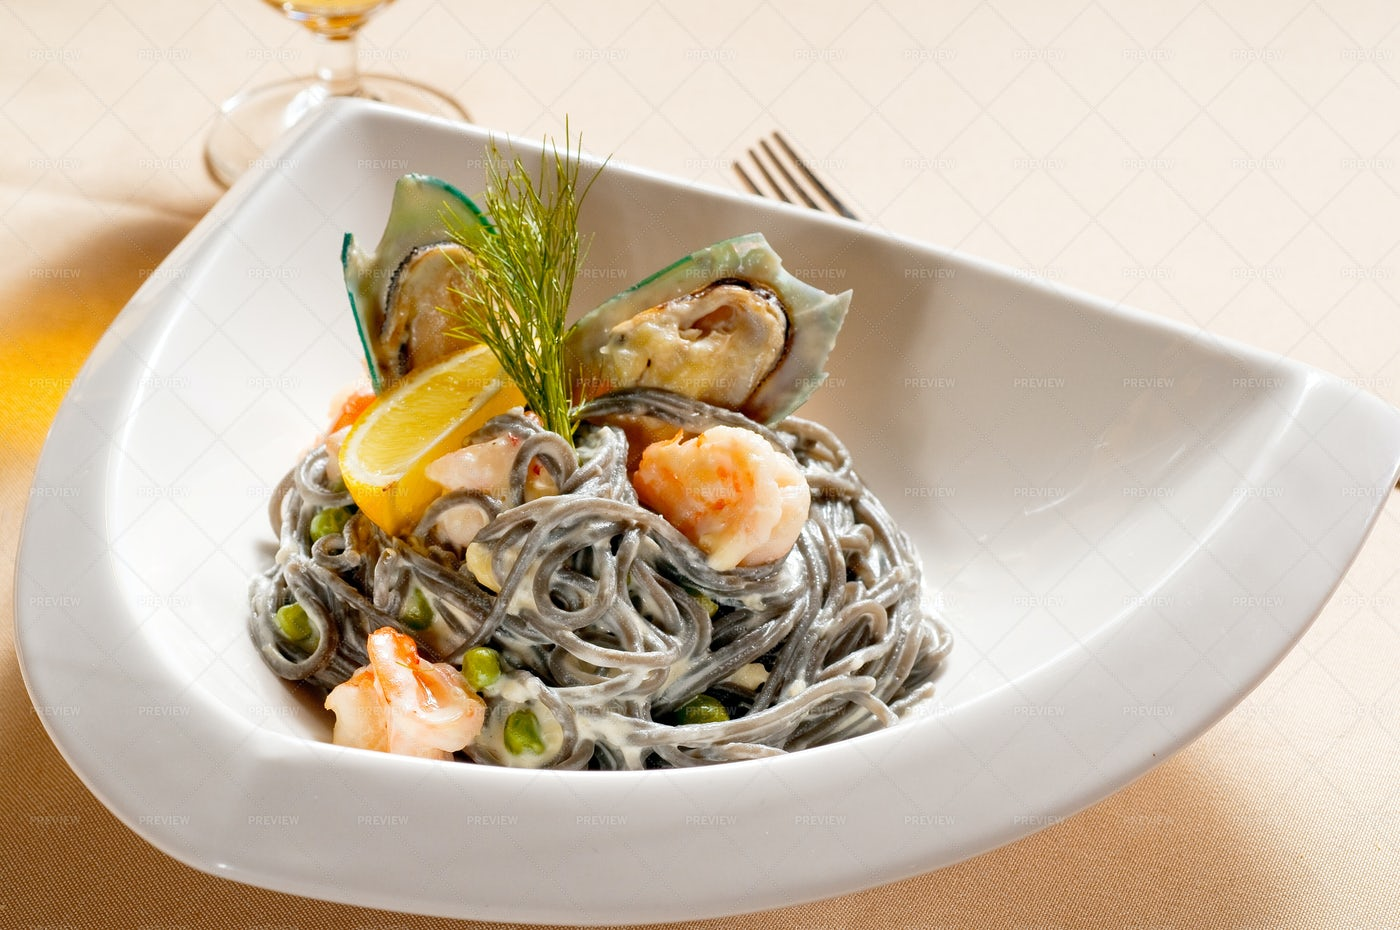 Seafood And Pasta: Stock Photos